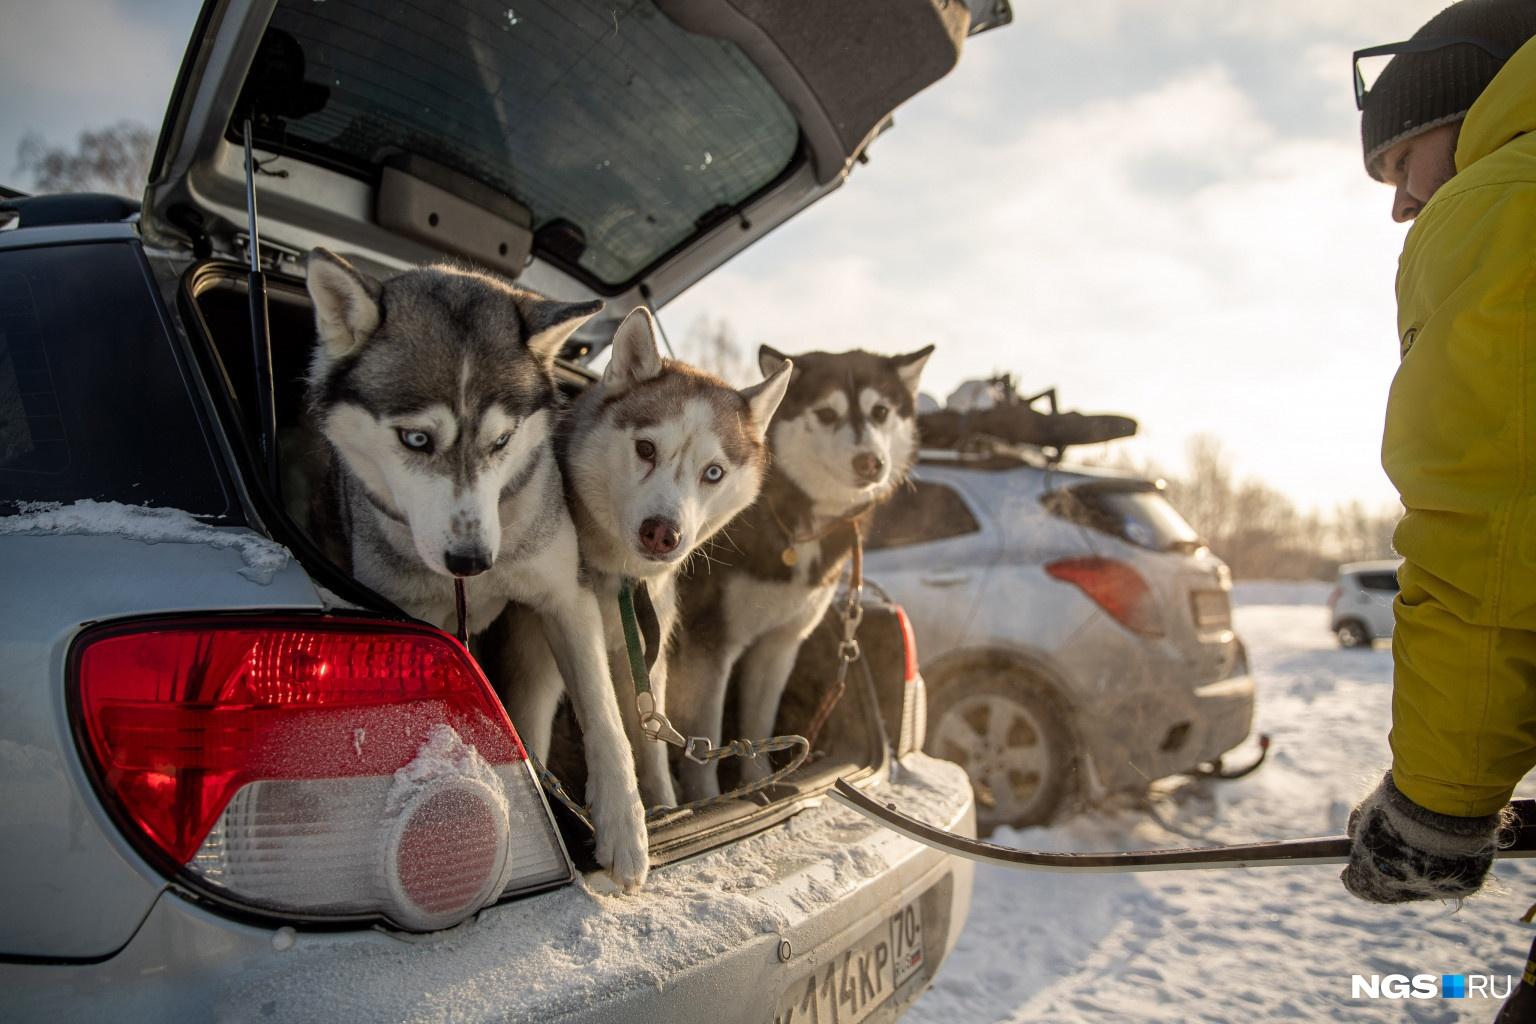 К собакам, участвующим в соревнованиях, тоже есть требования.К нарта-спринту и детским стартам допускаются собаки от 12 месяцев,в лыжи-спринт — с 18 месяцев